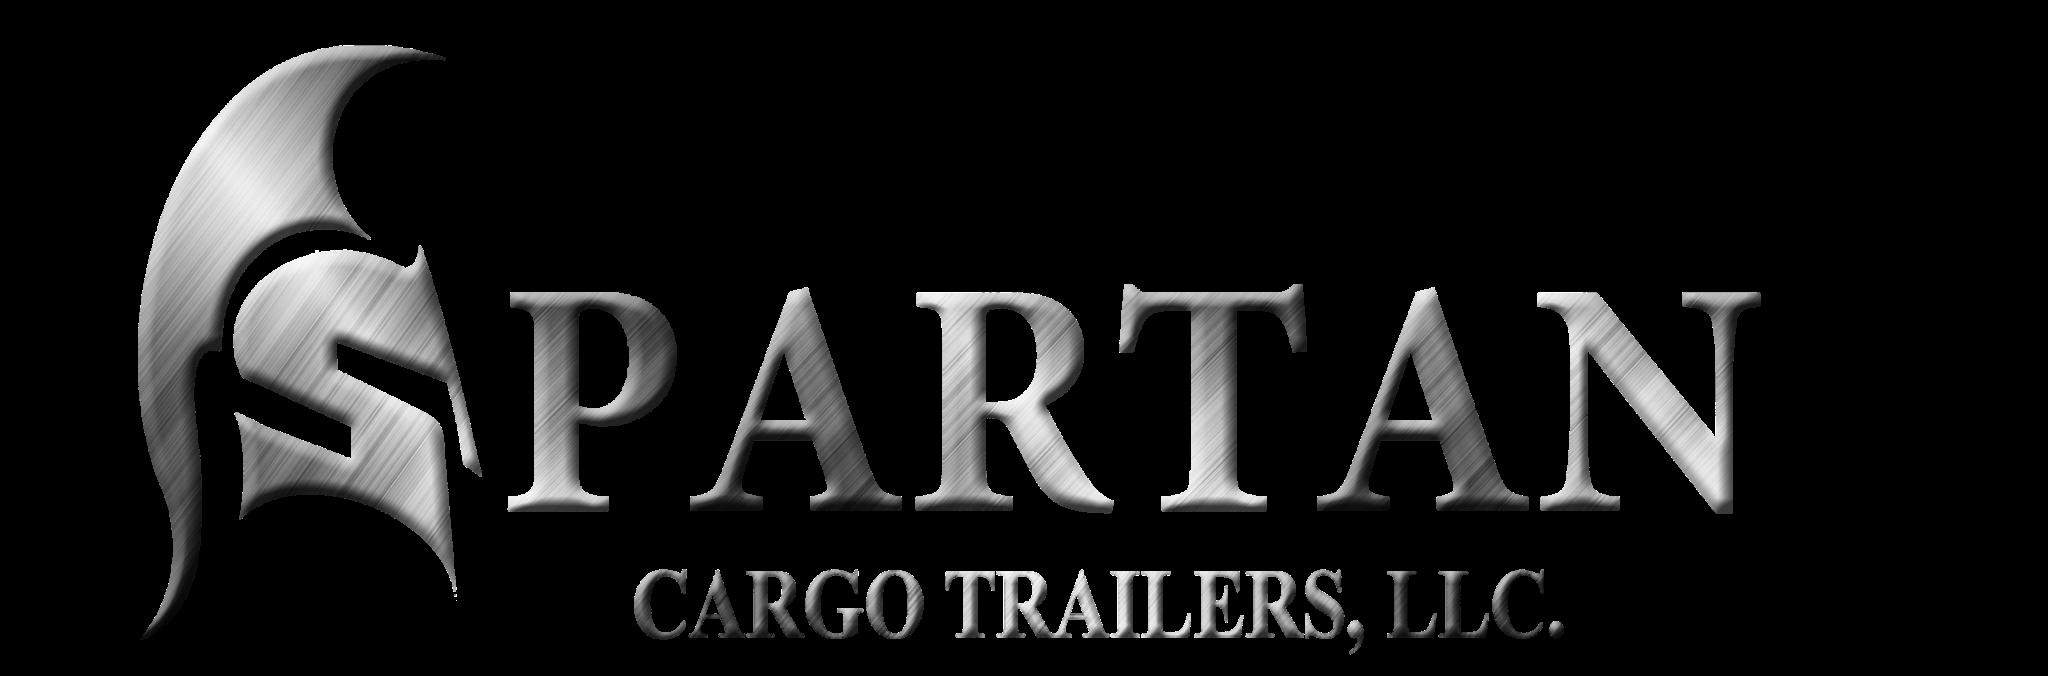 Logo for Spartan Cargo